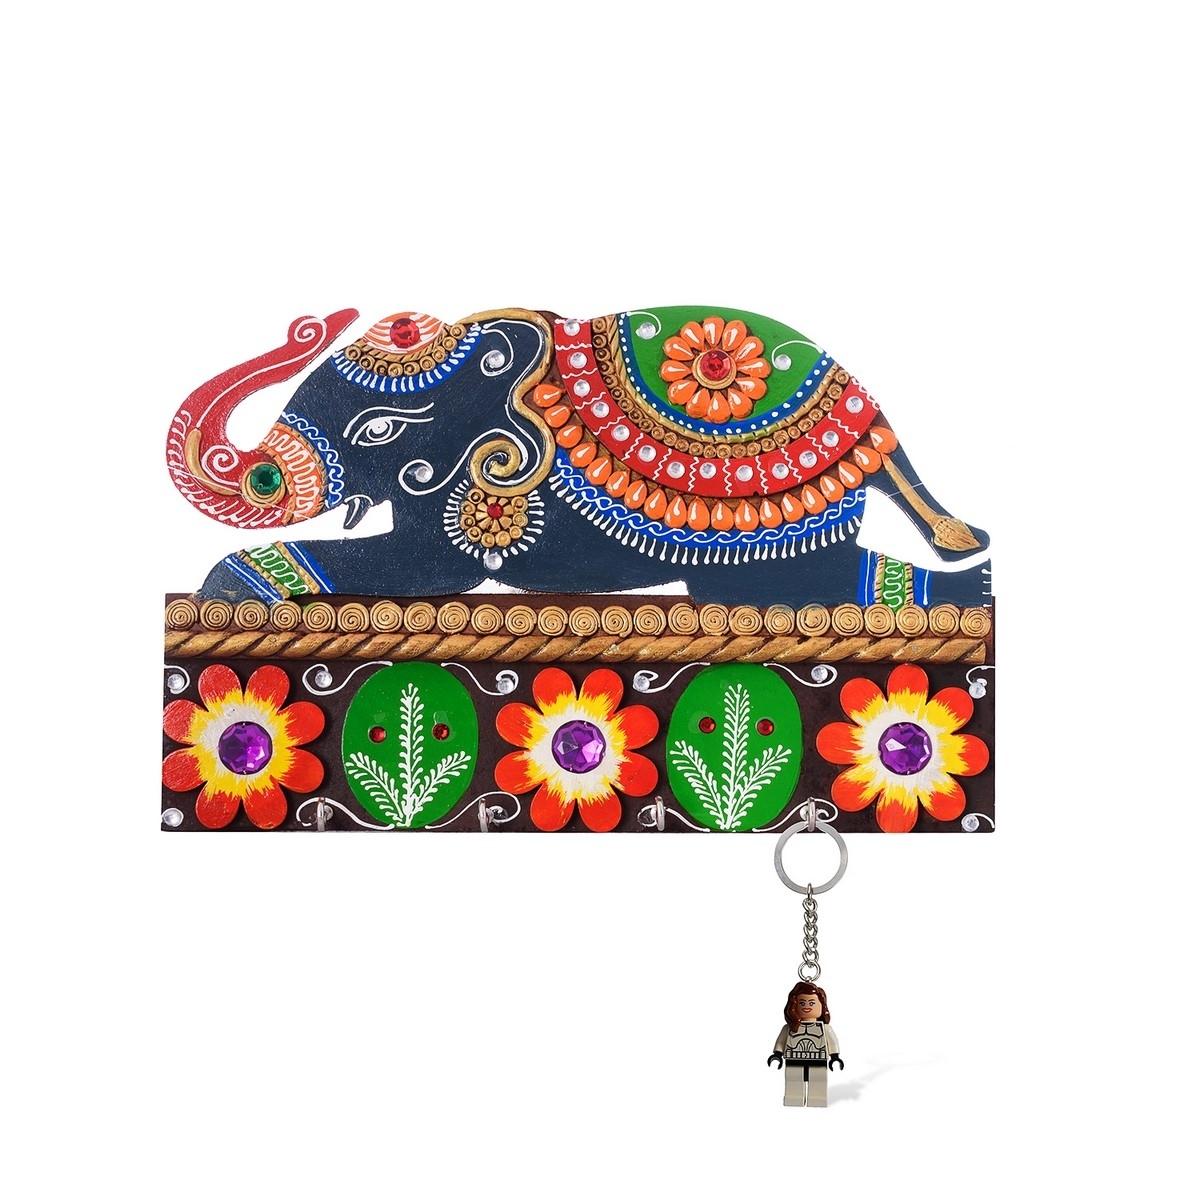 Decorative Elephant Papier-Mache Wooden Keyholder Indian Home Decor